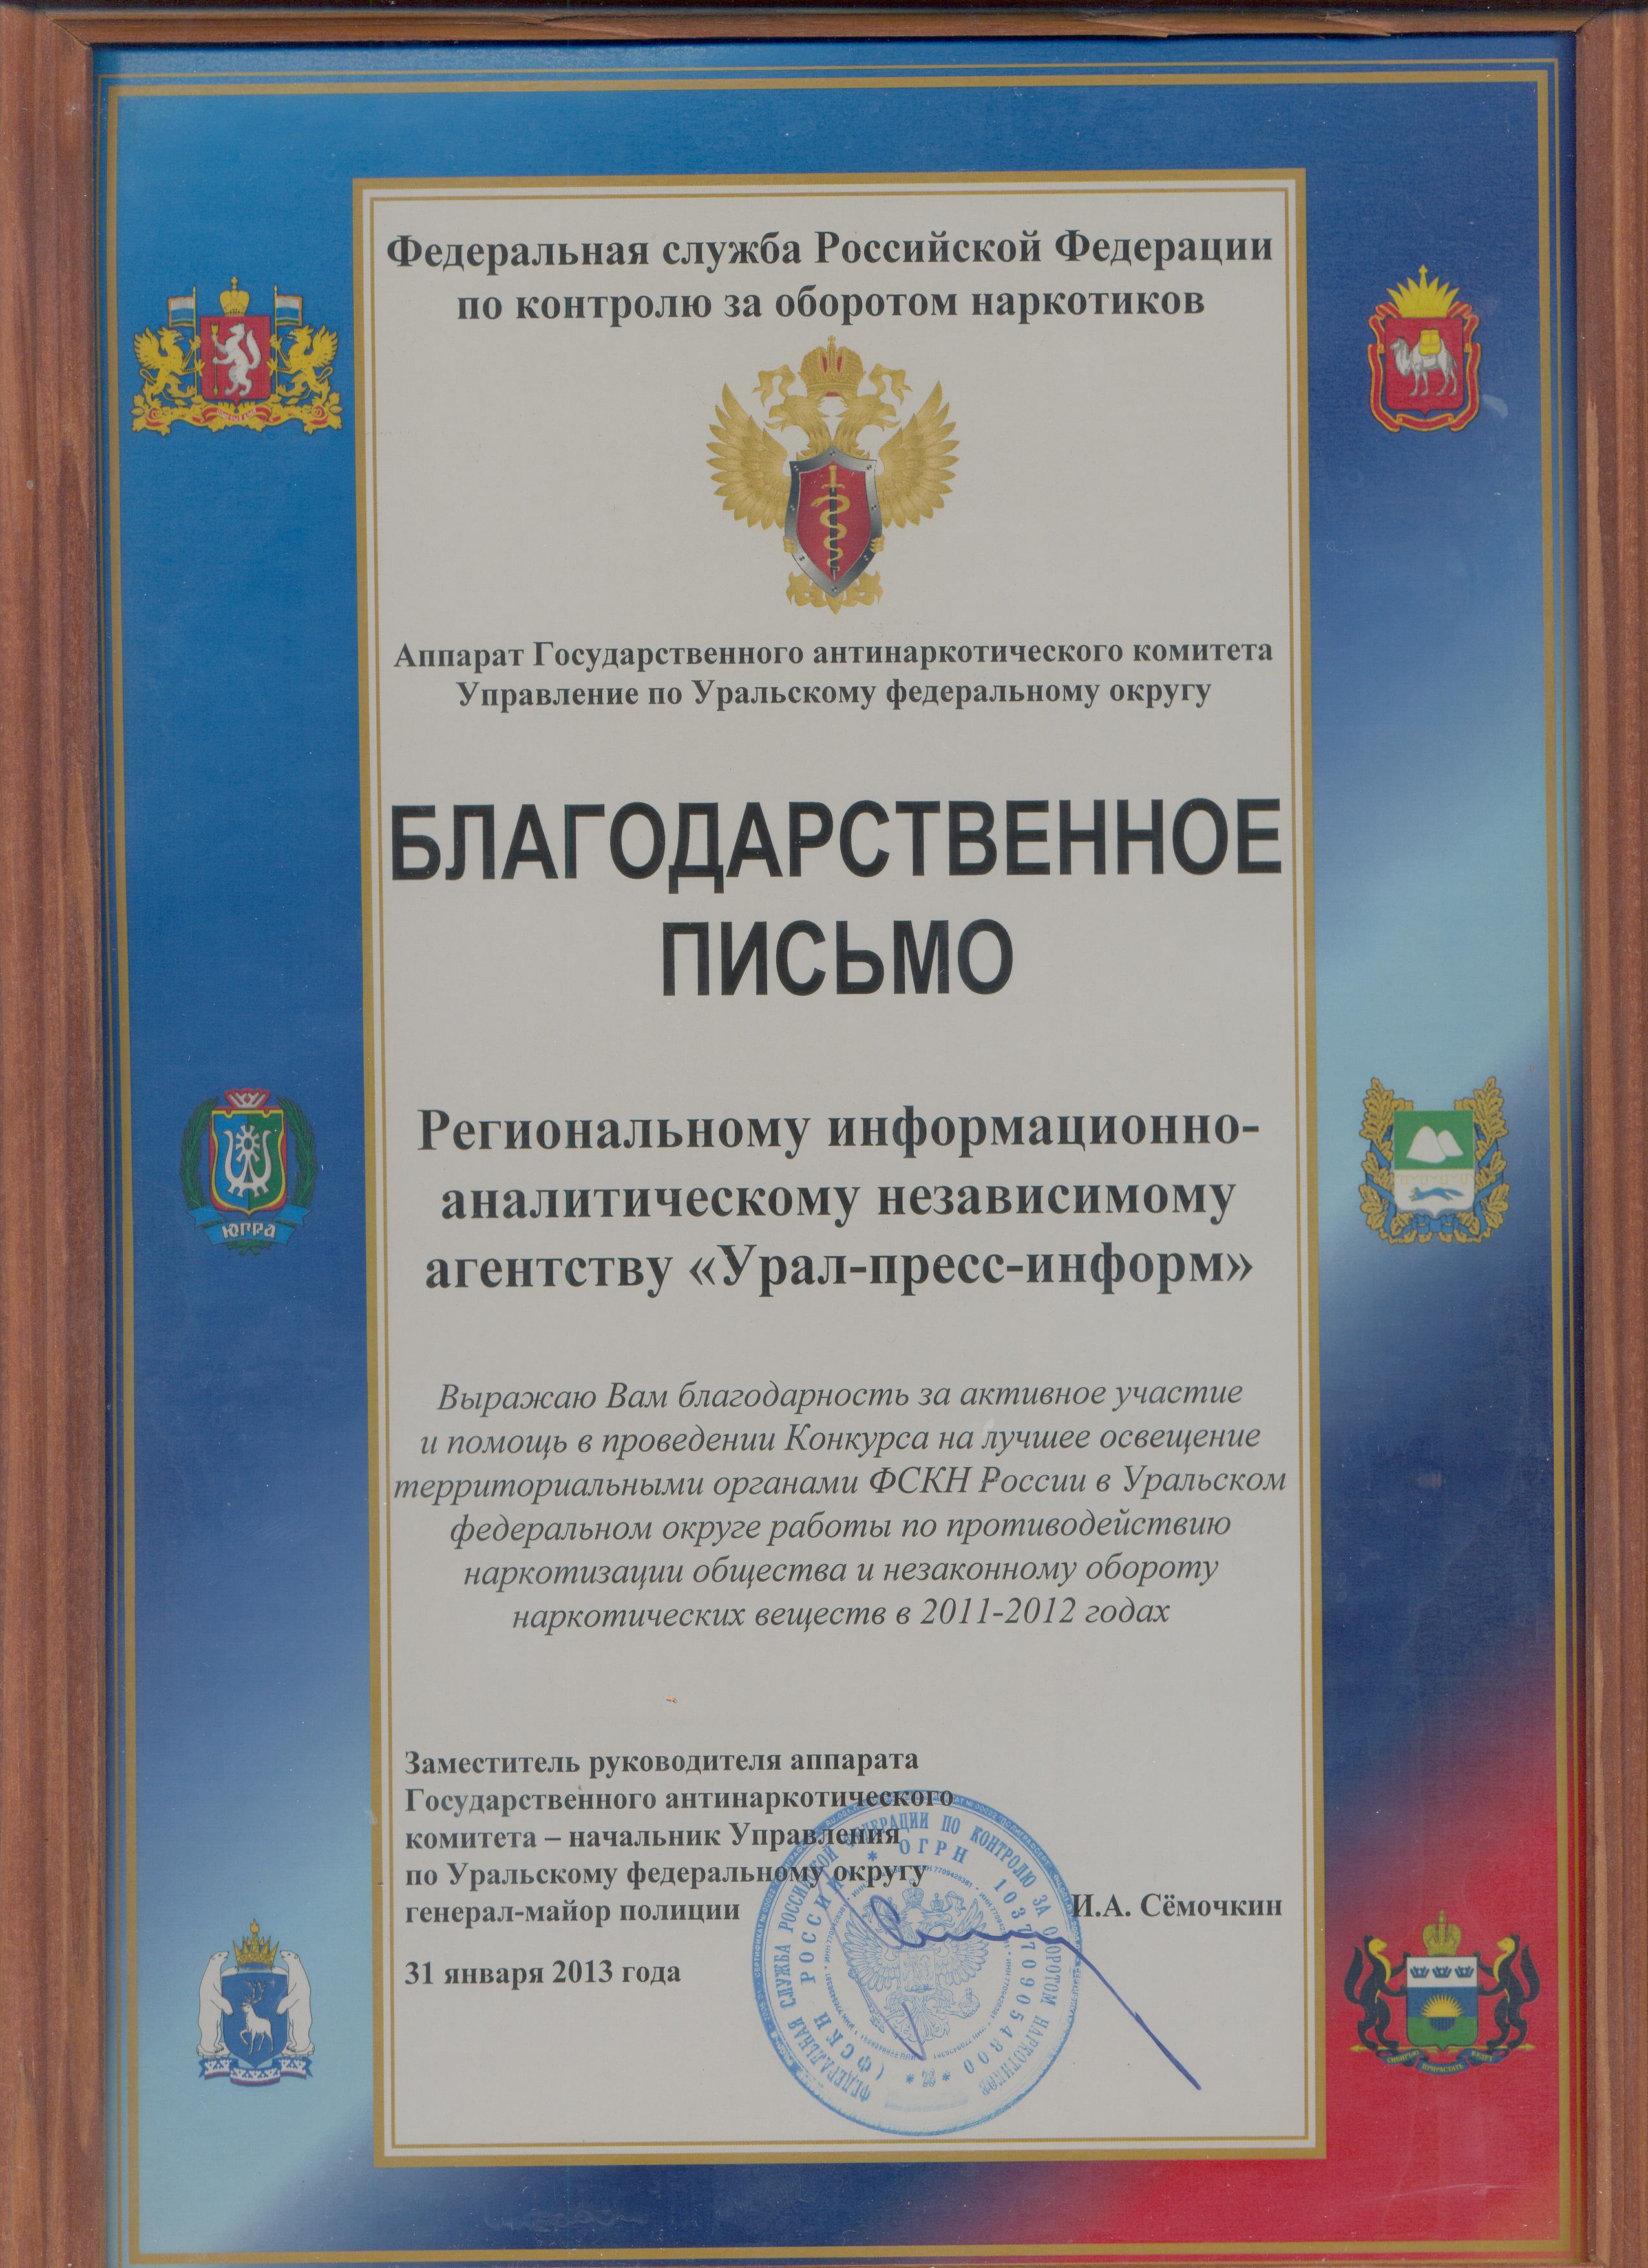 2013   Федеральная служба Российской Федерации по контролю за оборотом наркотиков